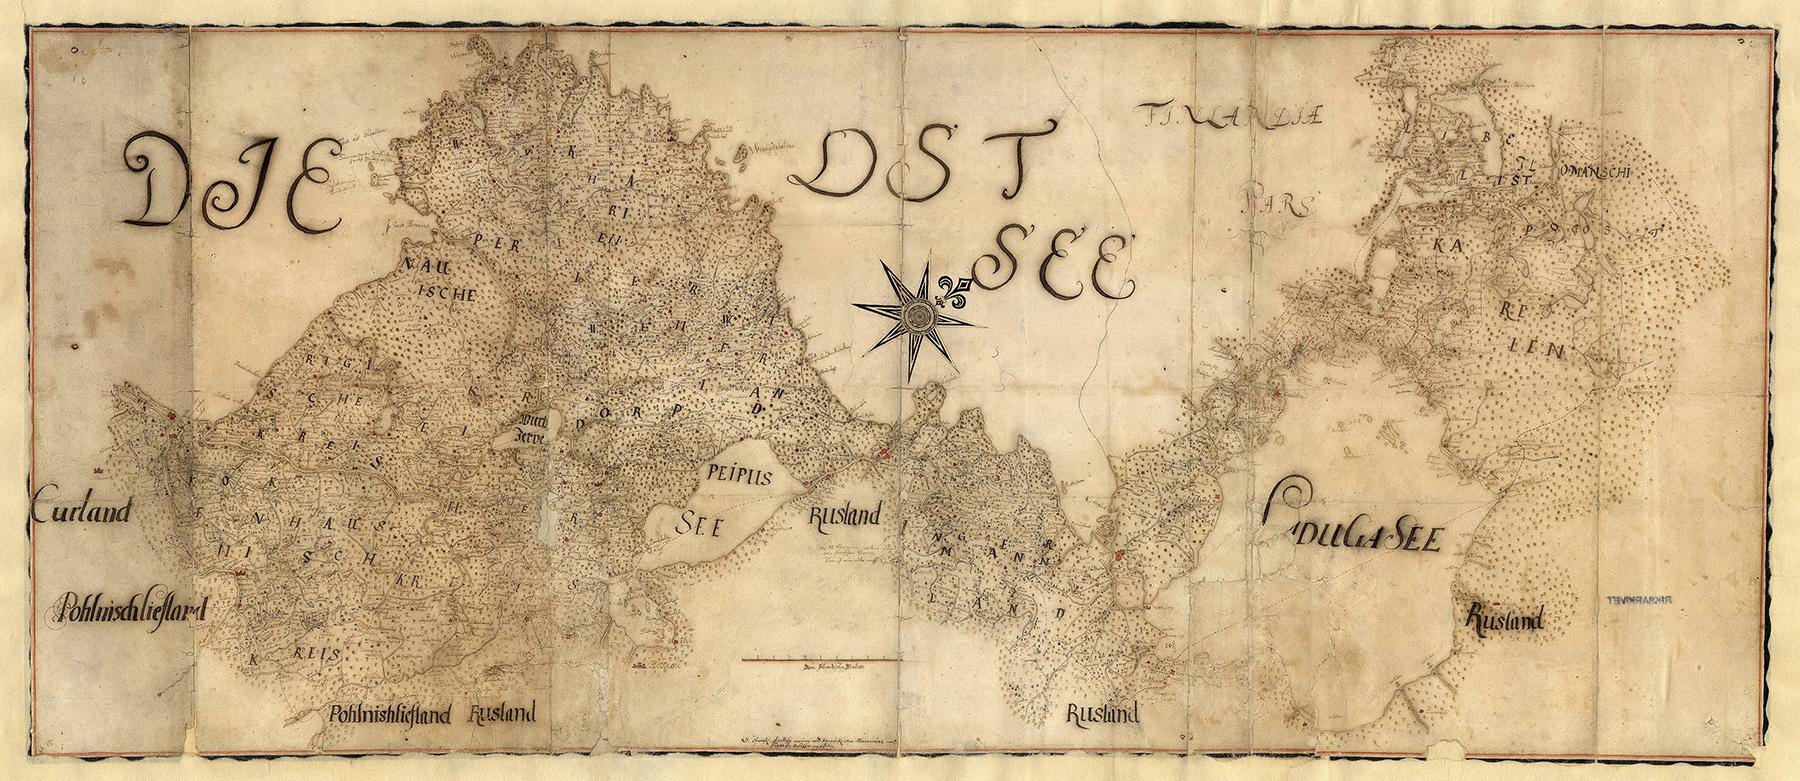 Utan känd proveniens (kartor och ritningar), Kartor och ritningar, SE/RA/81001/#/0004:00001 (1650-1699), bildid: R0001512_00001 CC0